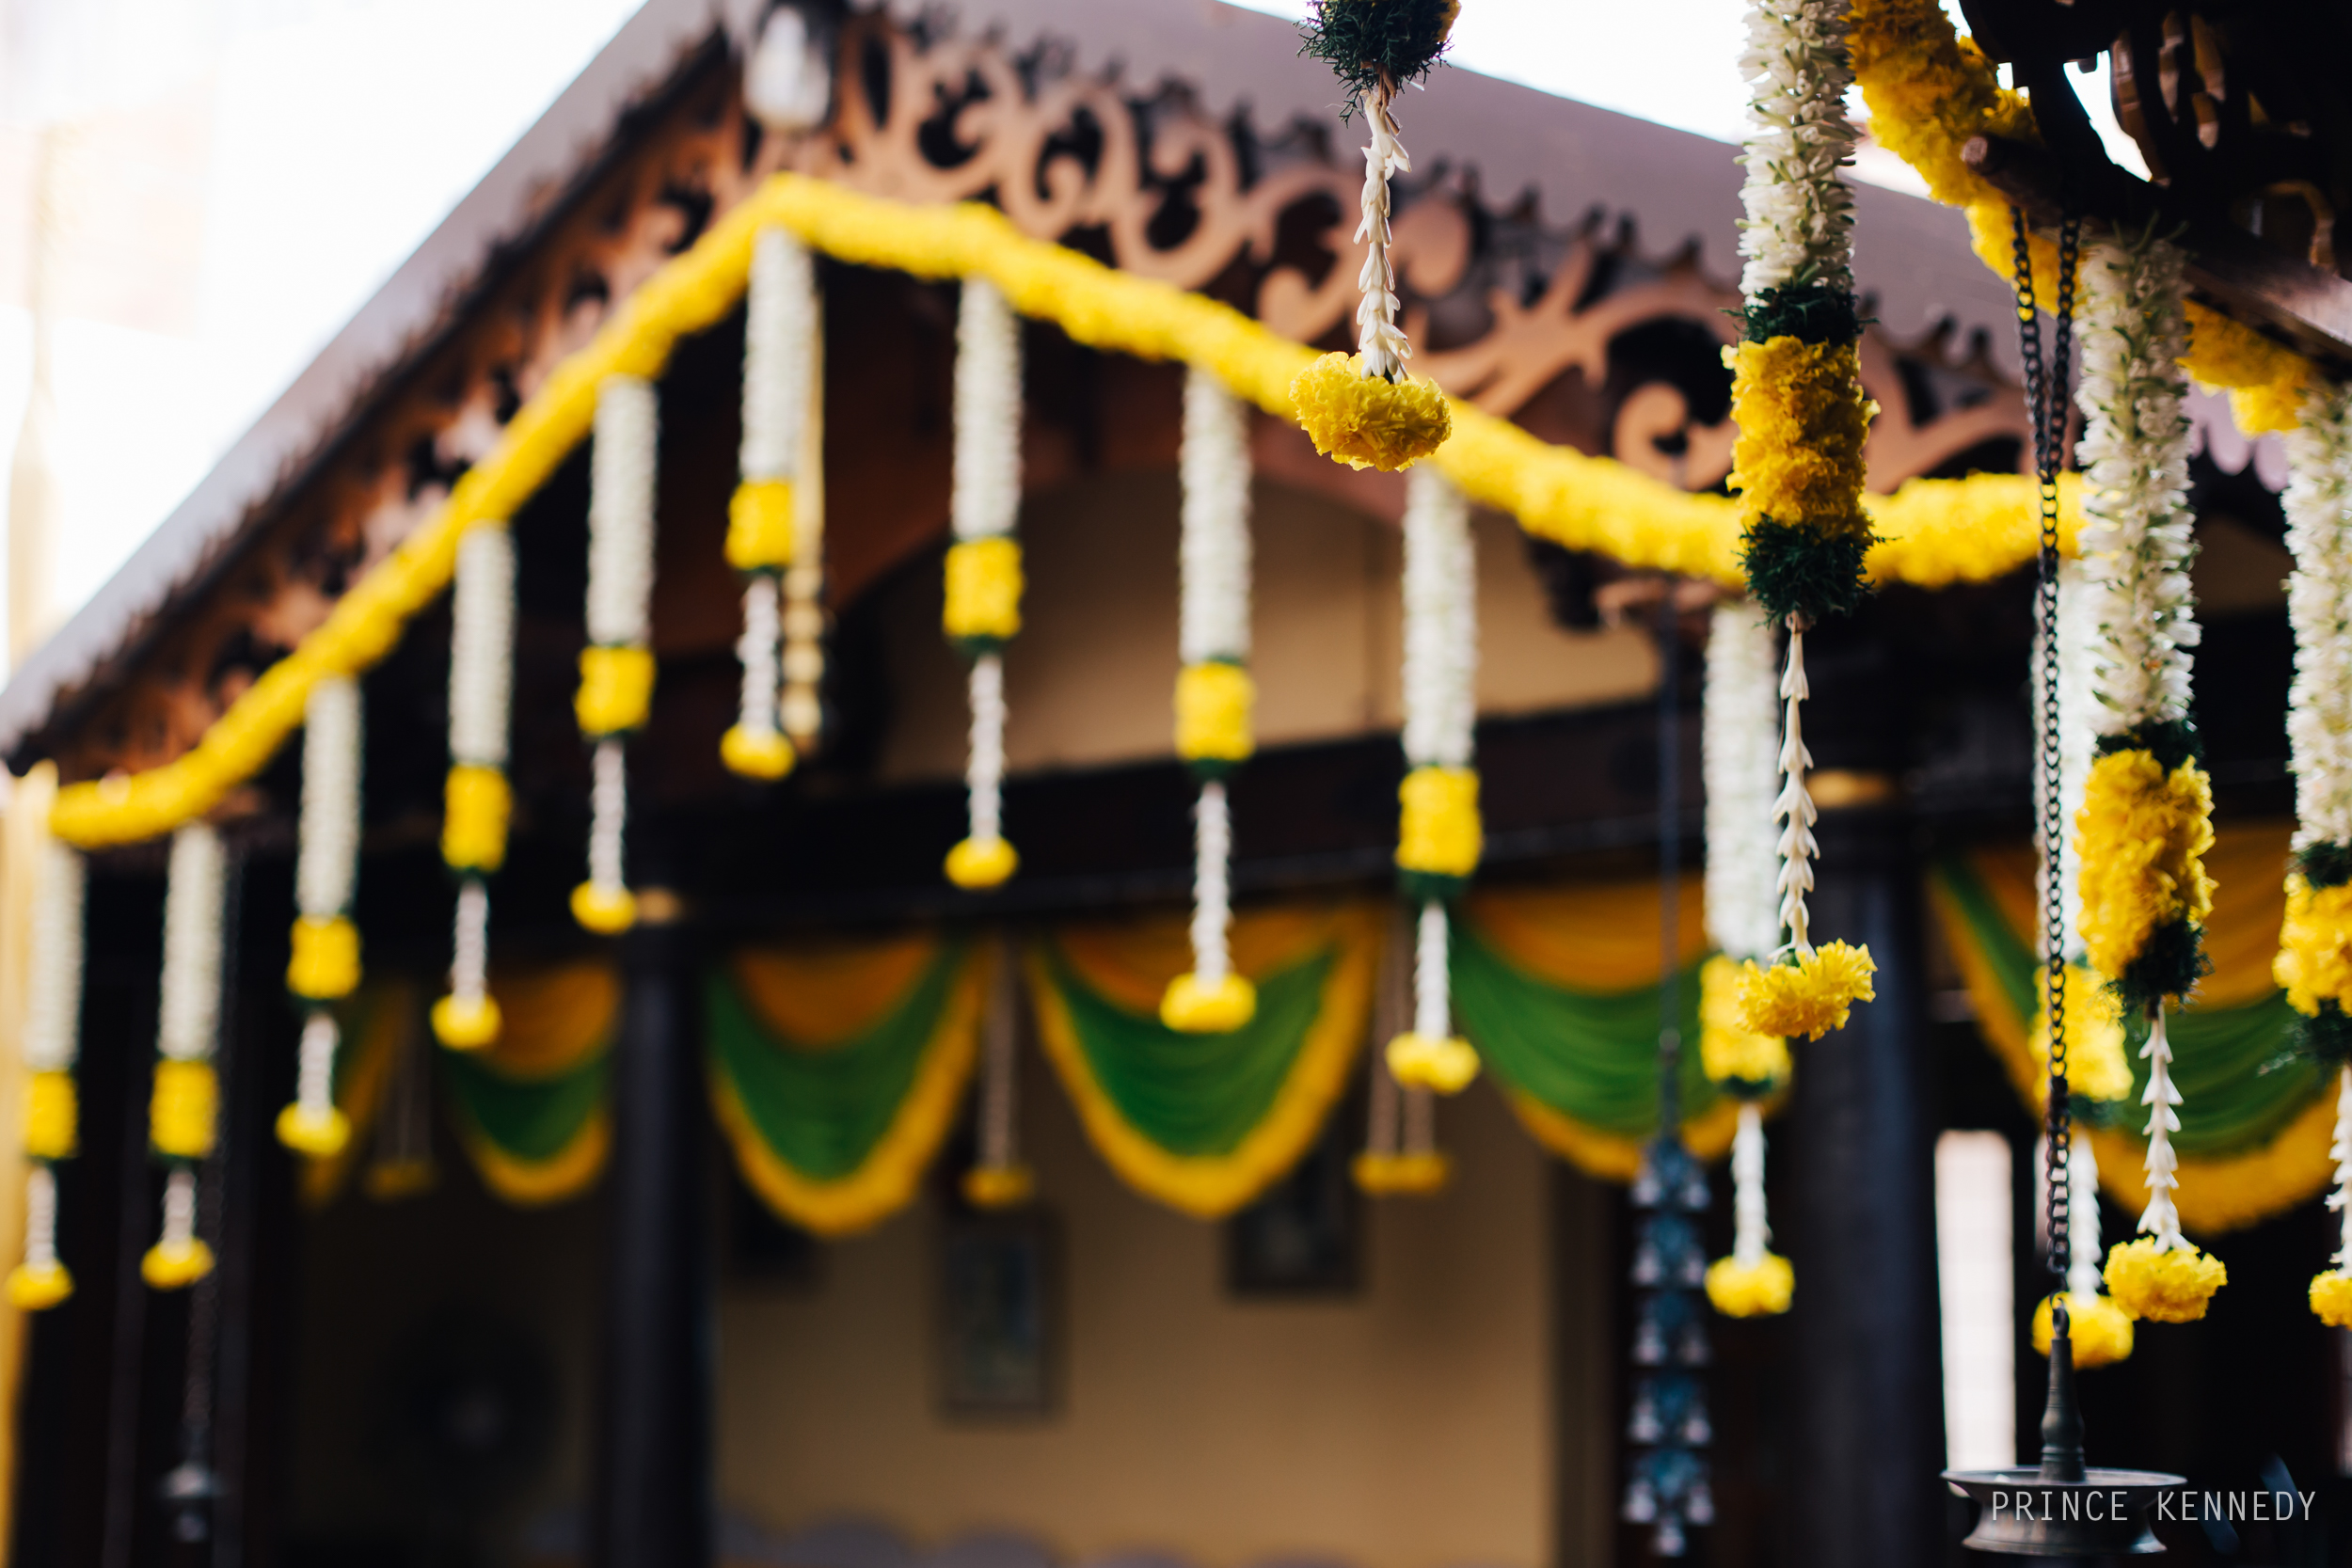 Engagement-Couple-Portrait-Portraiture-Wedding-Couple-Portrait-Chennai-Photographer-Candid-Photography-Destination-Best-Prince-Kennedy-Photography-39.jpg